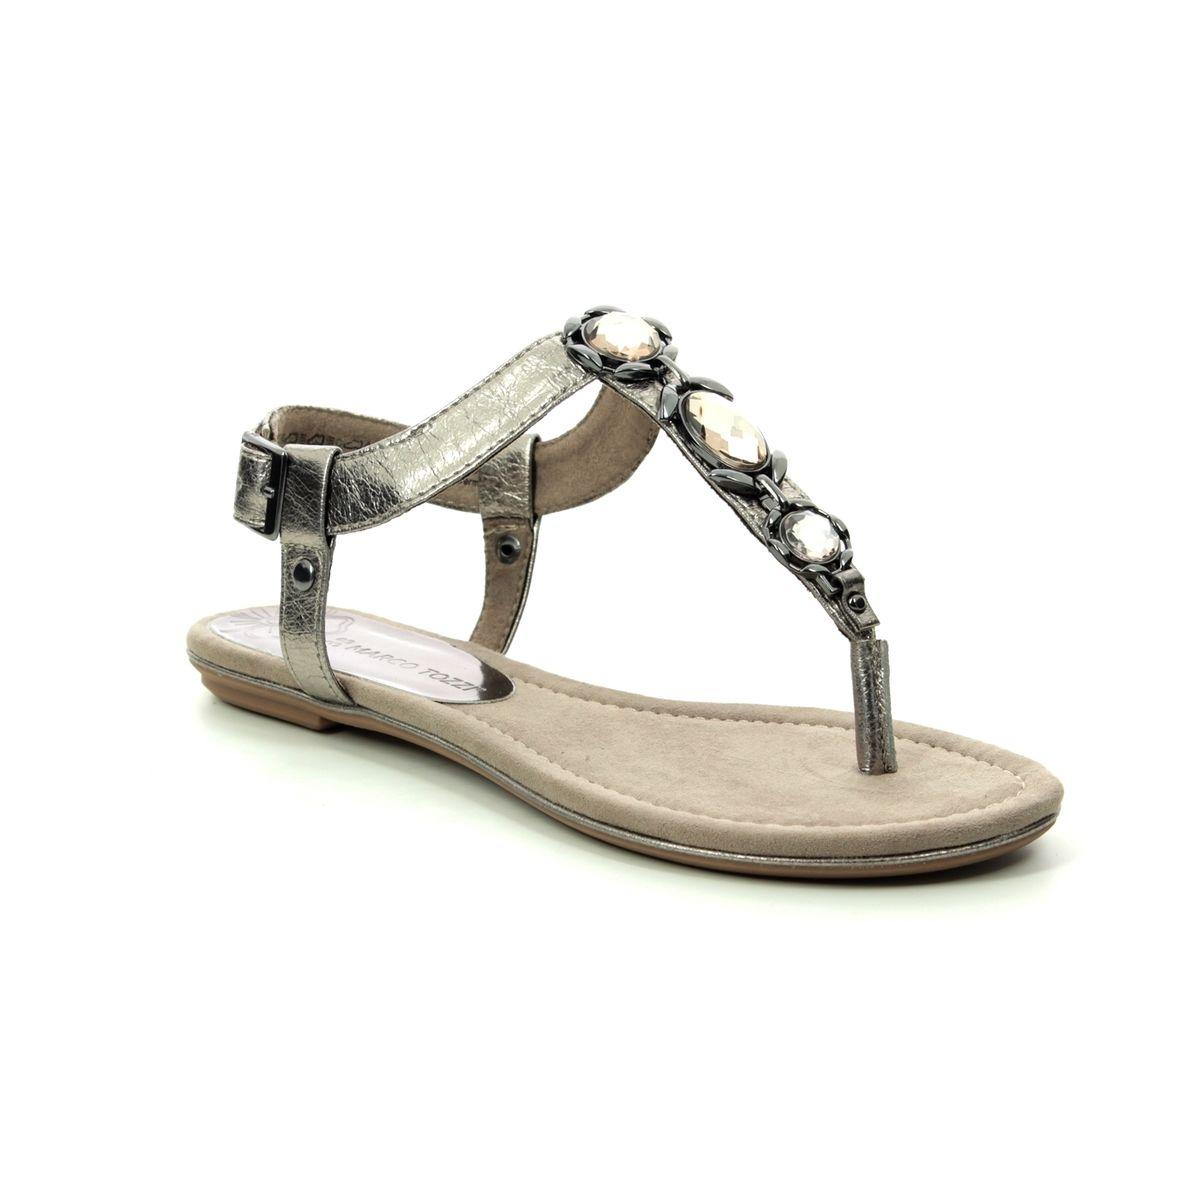 0562b5b50a22 Marco Tozzi Flat Sandals - Pewter - 28143 22 915 BIVIO 91